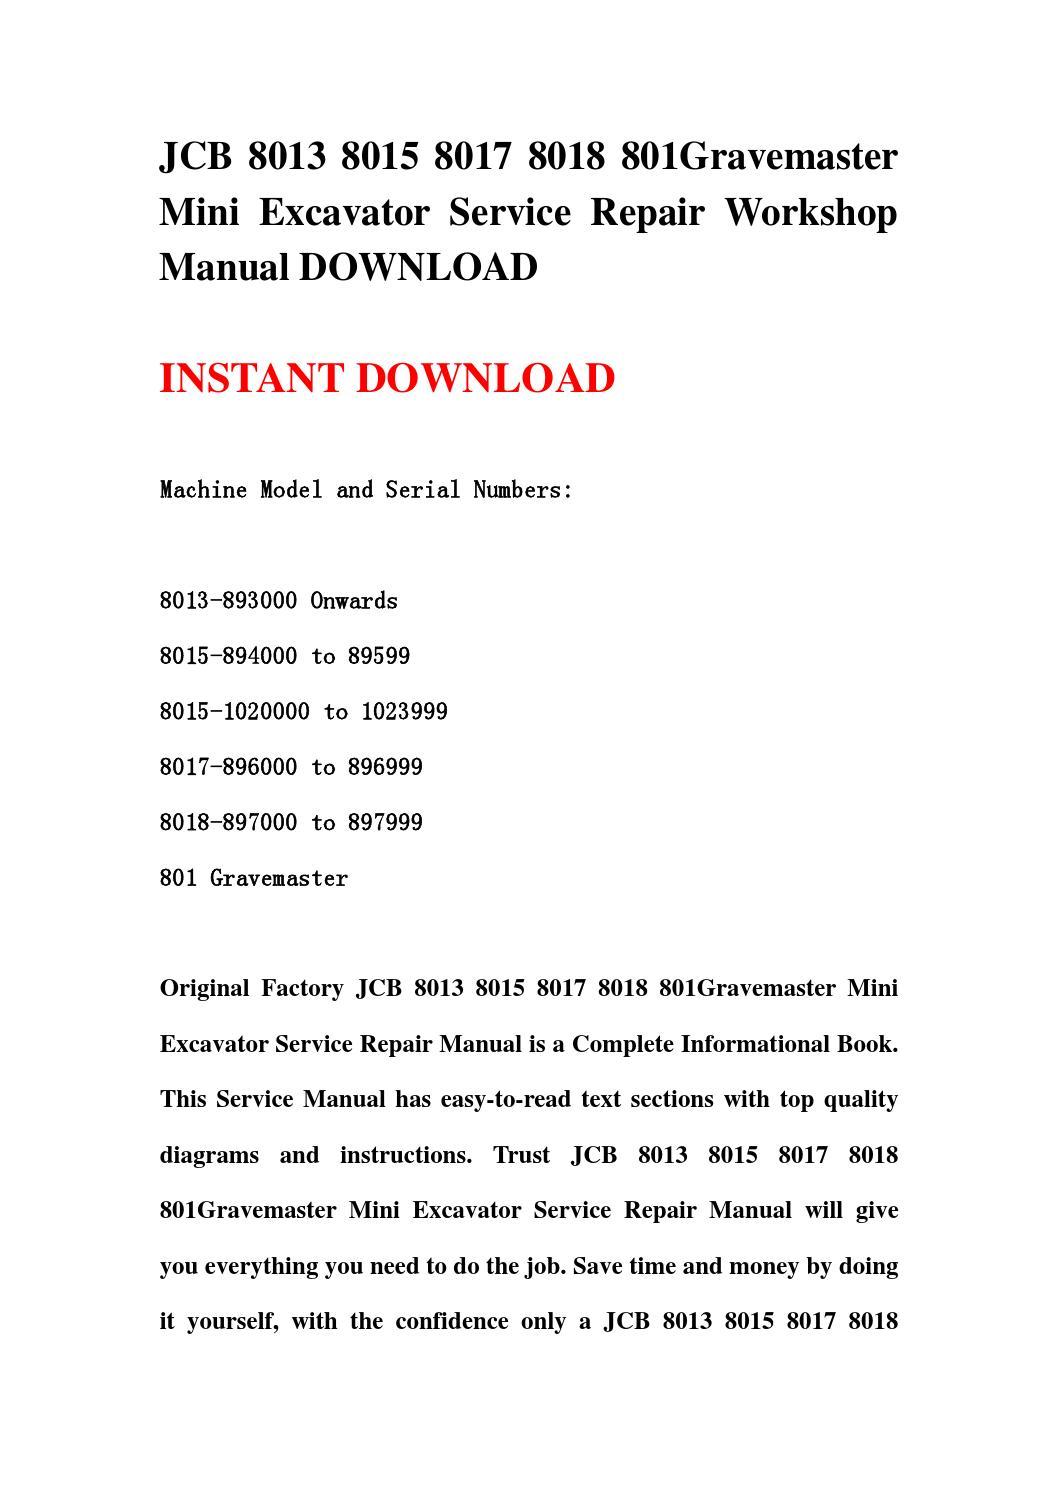 Jcb 8013 8015 8017 8018 801gravemaster Mini Excavator Service Repair Workshop Manual Download By